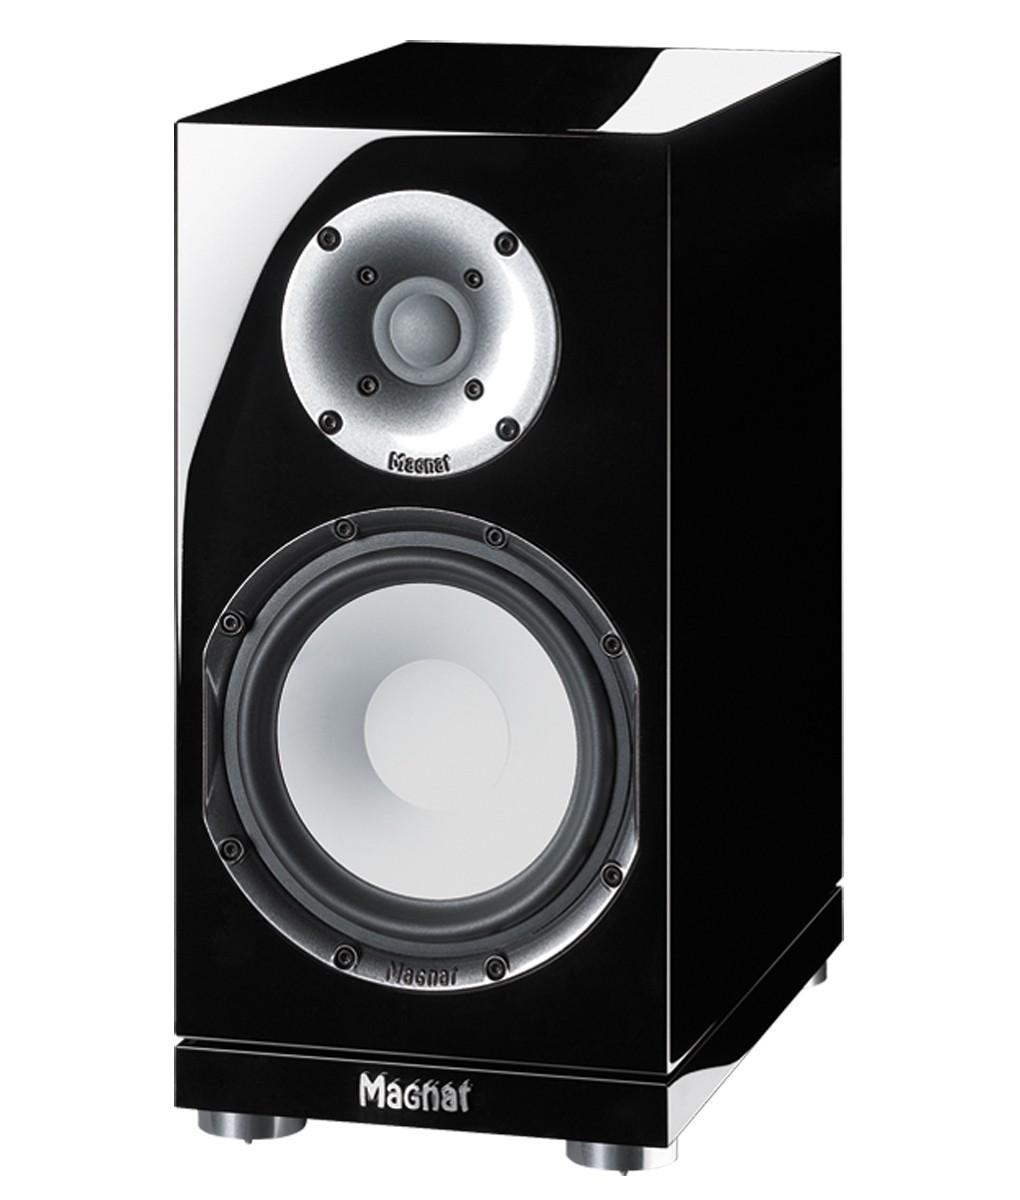 Magnat Quantum 803, Piano Black, 200 Watt max., 1 Paar B-Ware 001